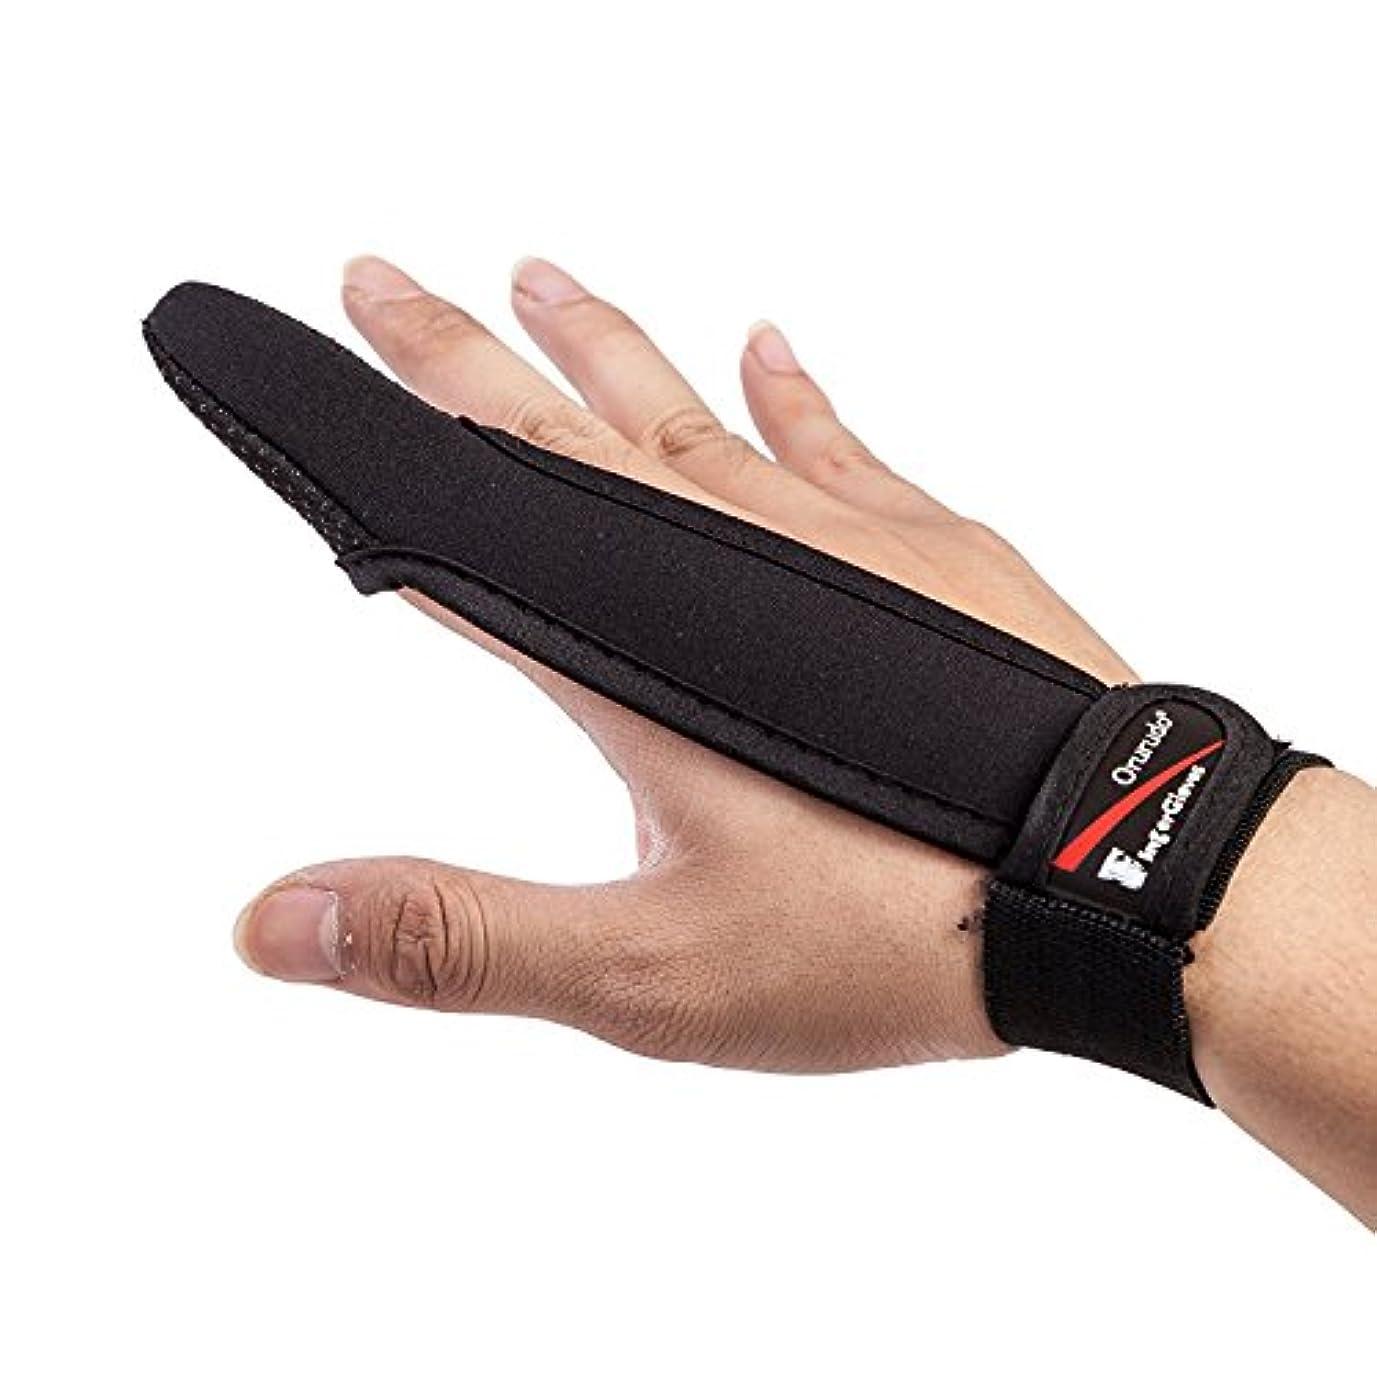 【オルルド釣具】フィンガープロテクター < 全力キャスト時に指をガード/ラインを掴む感覚を損なわずスムーズなキャスティングが可能/投げ釣り?キャスティングに最適> 1本指 指サック 手袋 qb500075